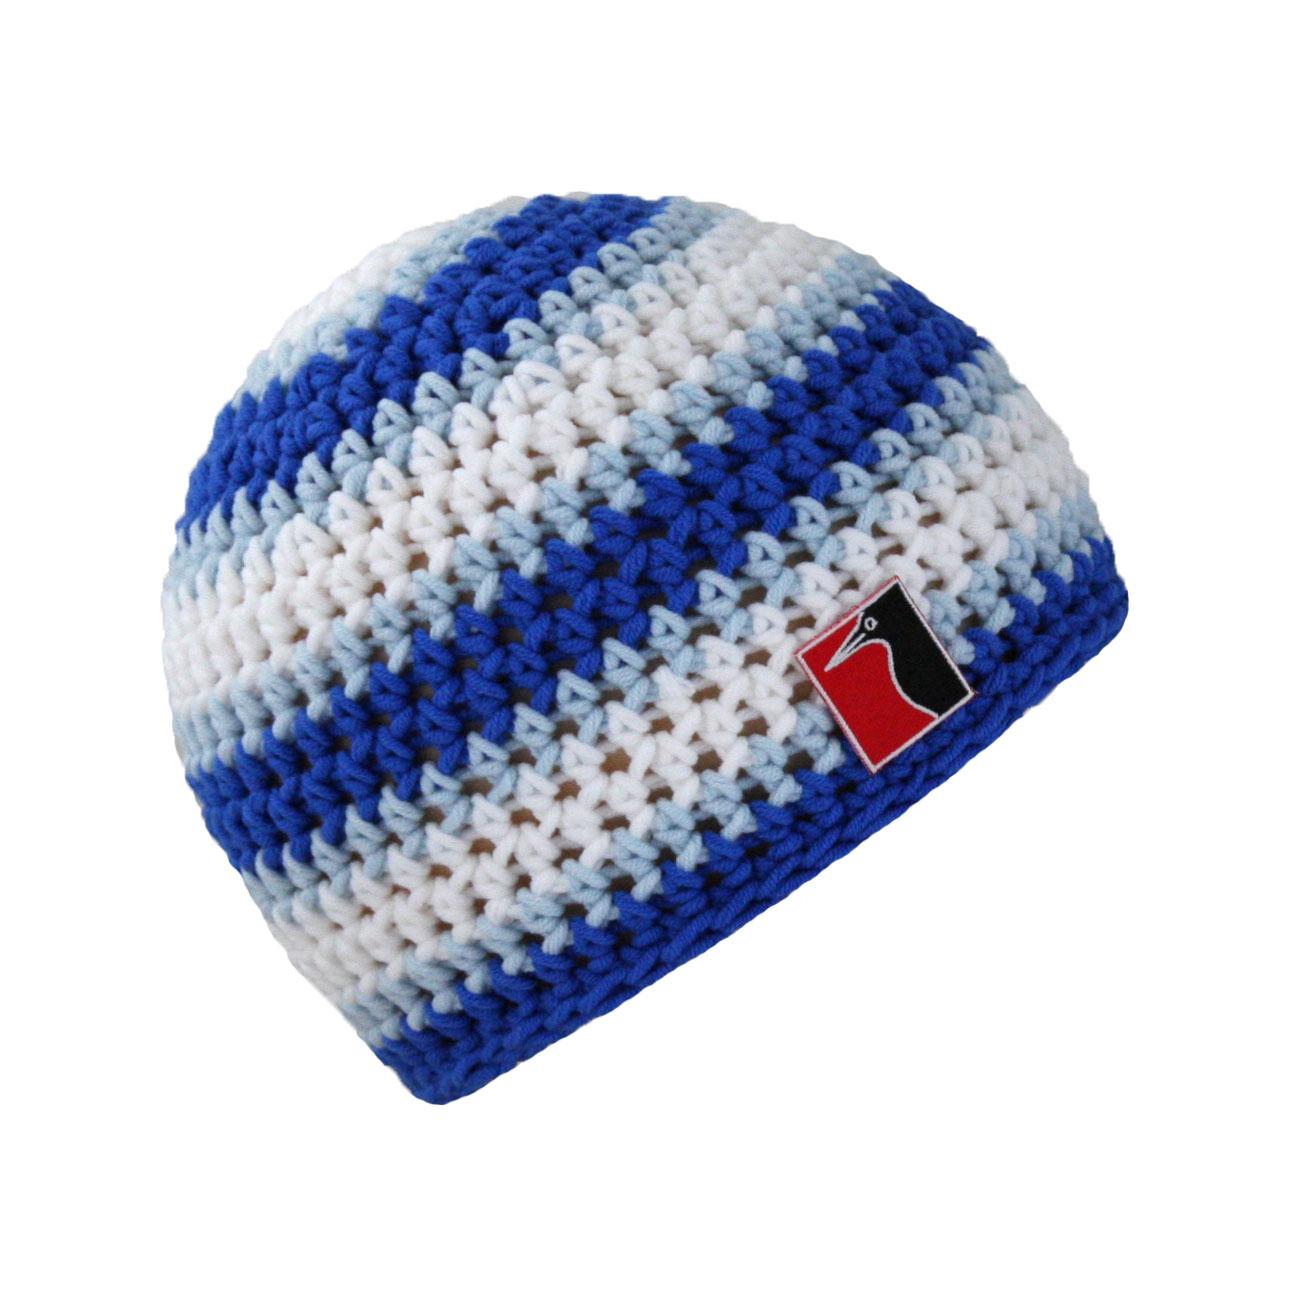 gehäkelte Sommermütze blau hellblau weiss